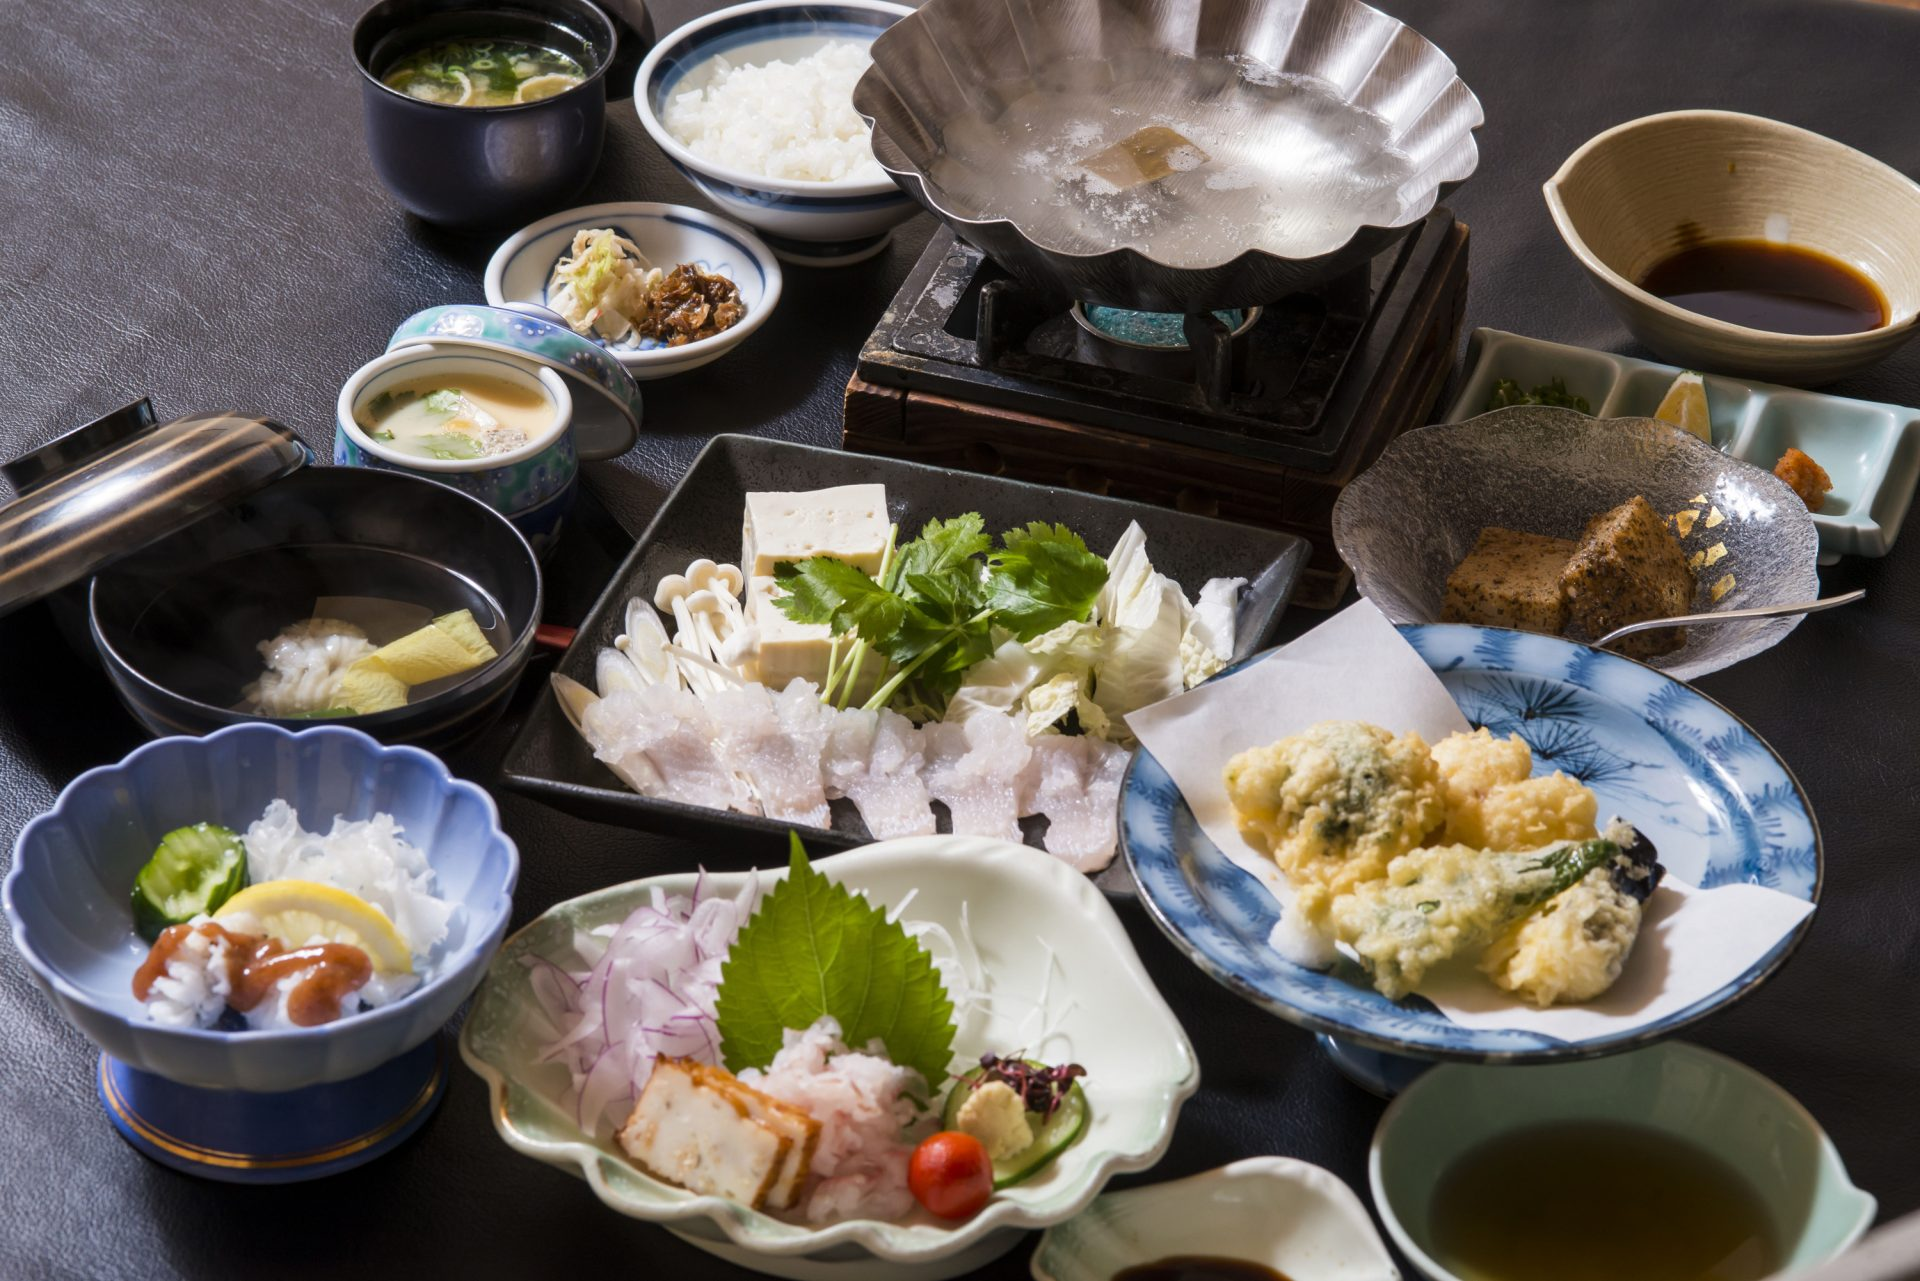 ハモ料理 大分 ご 当地 グルメ 名物 料理 B級 九州 旅行 観光 おすすめ